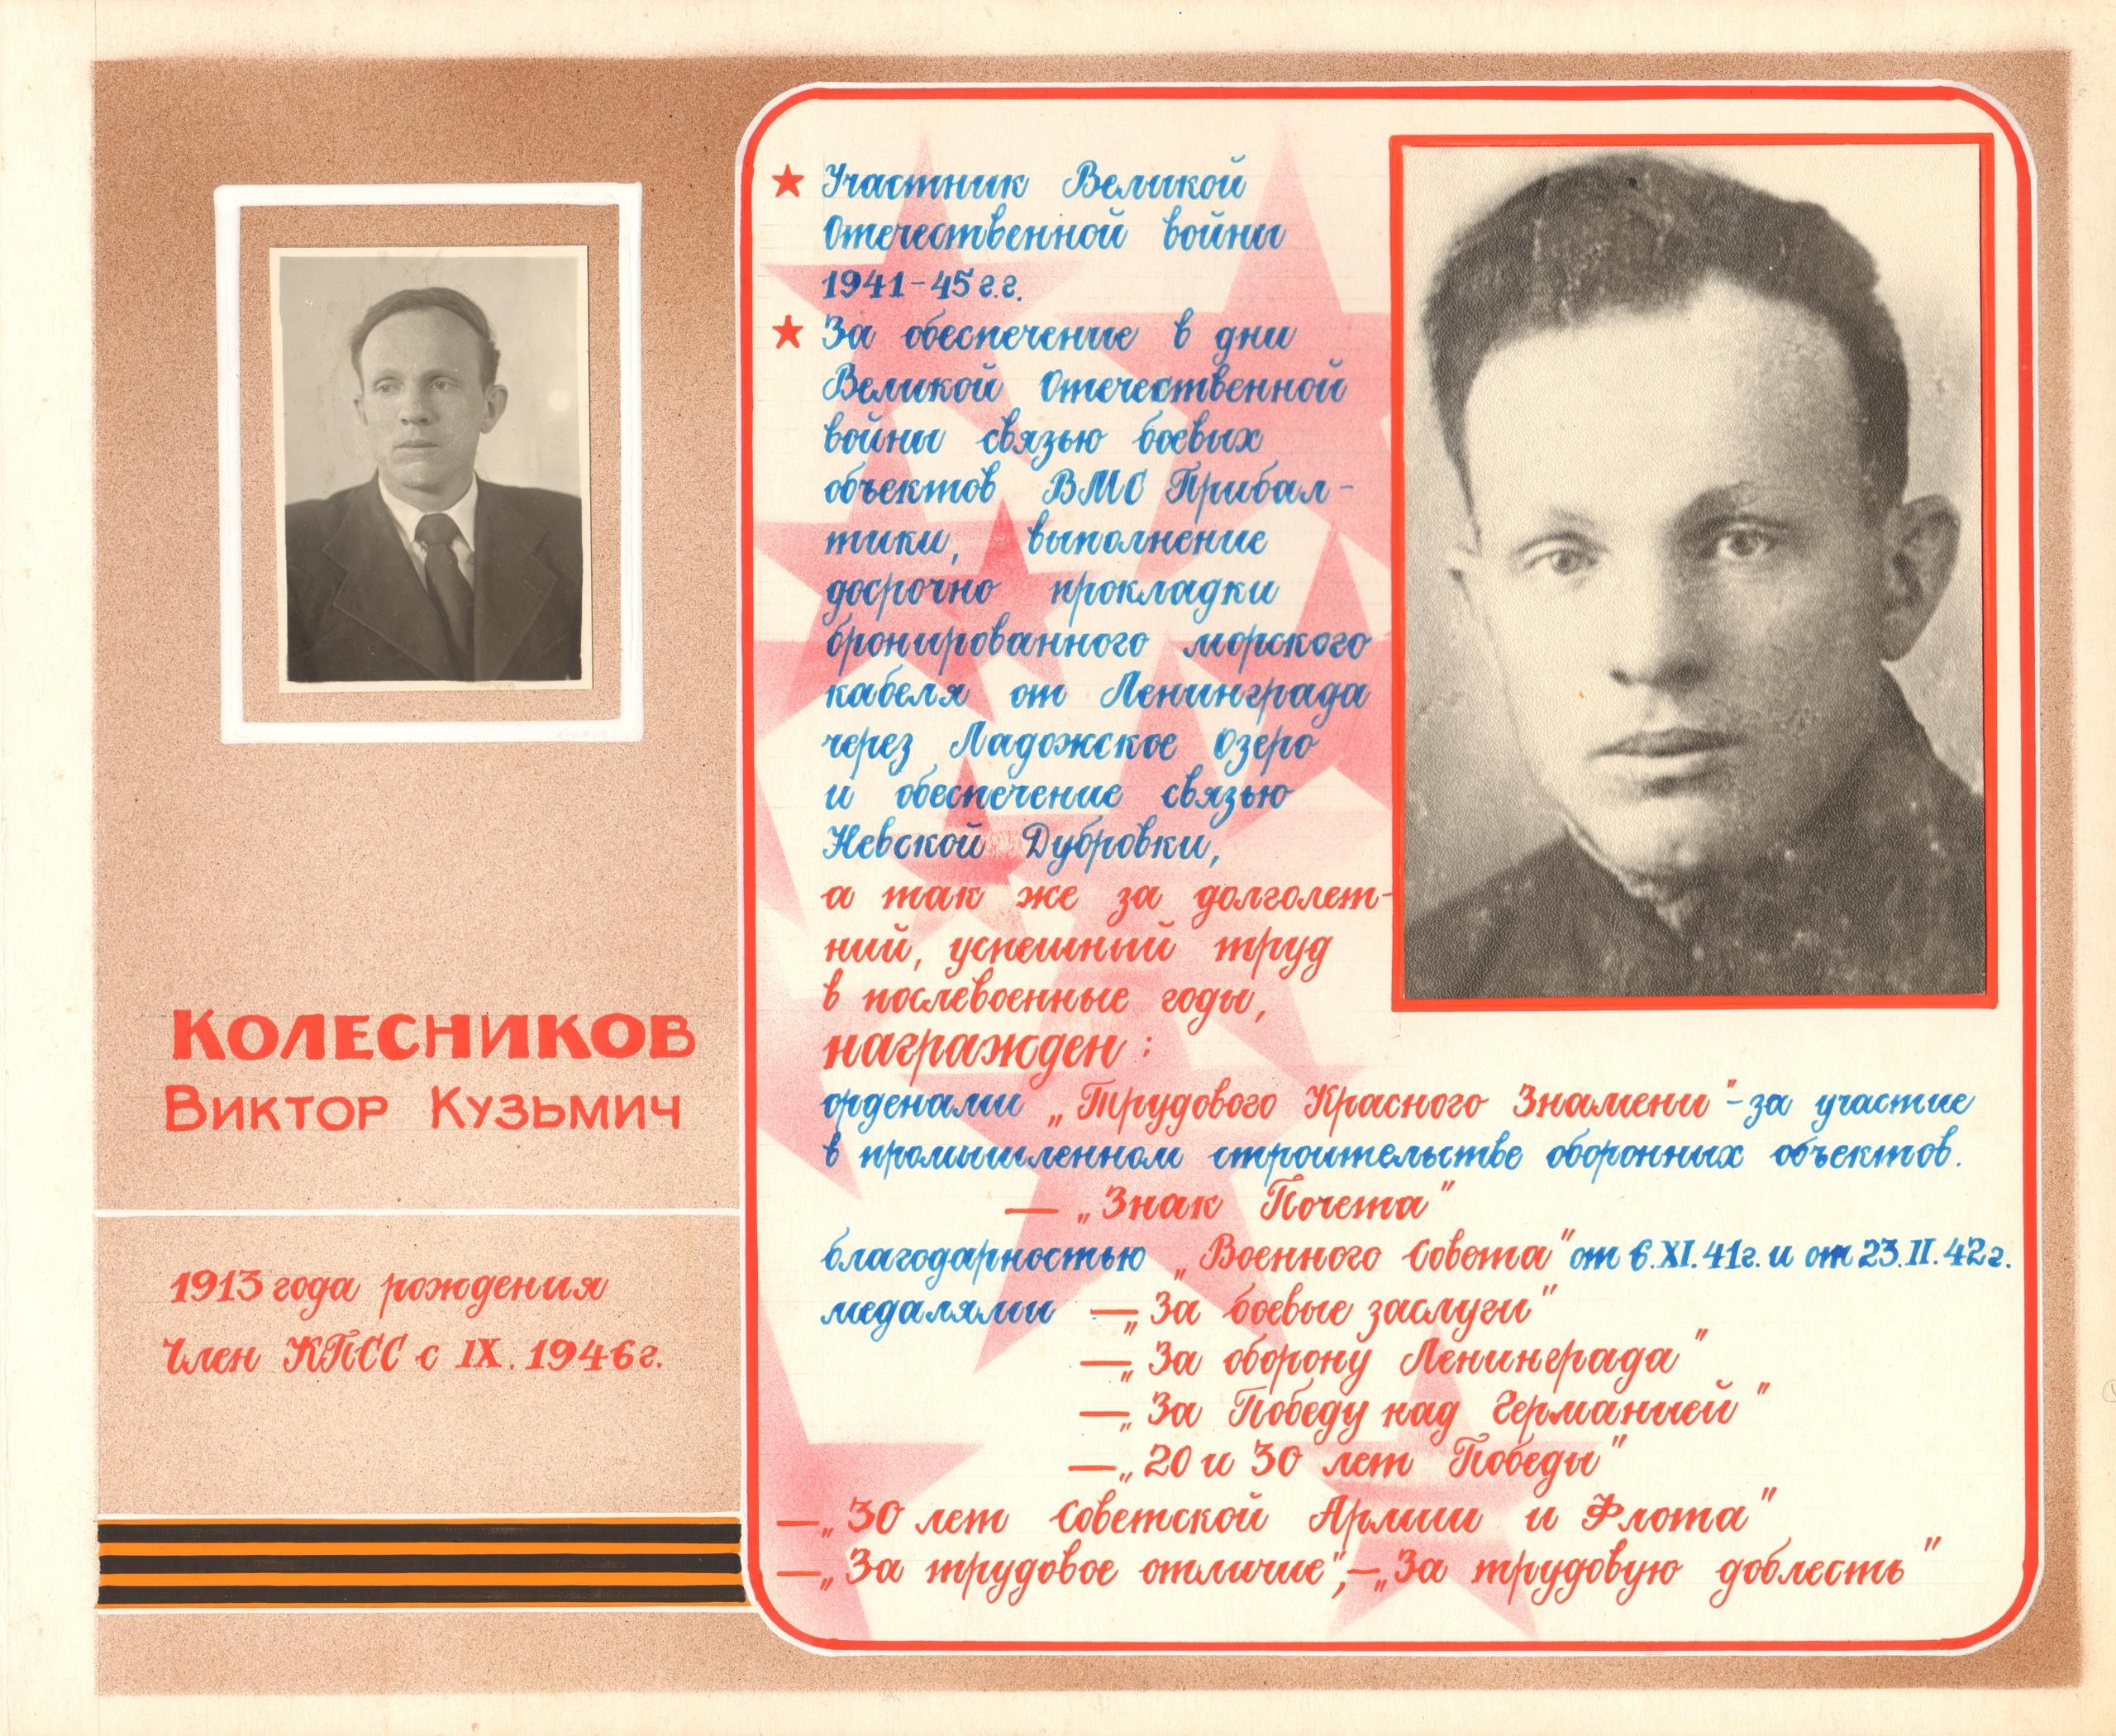 Колесников Виктор Кузьмич